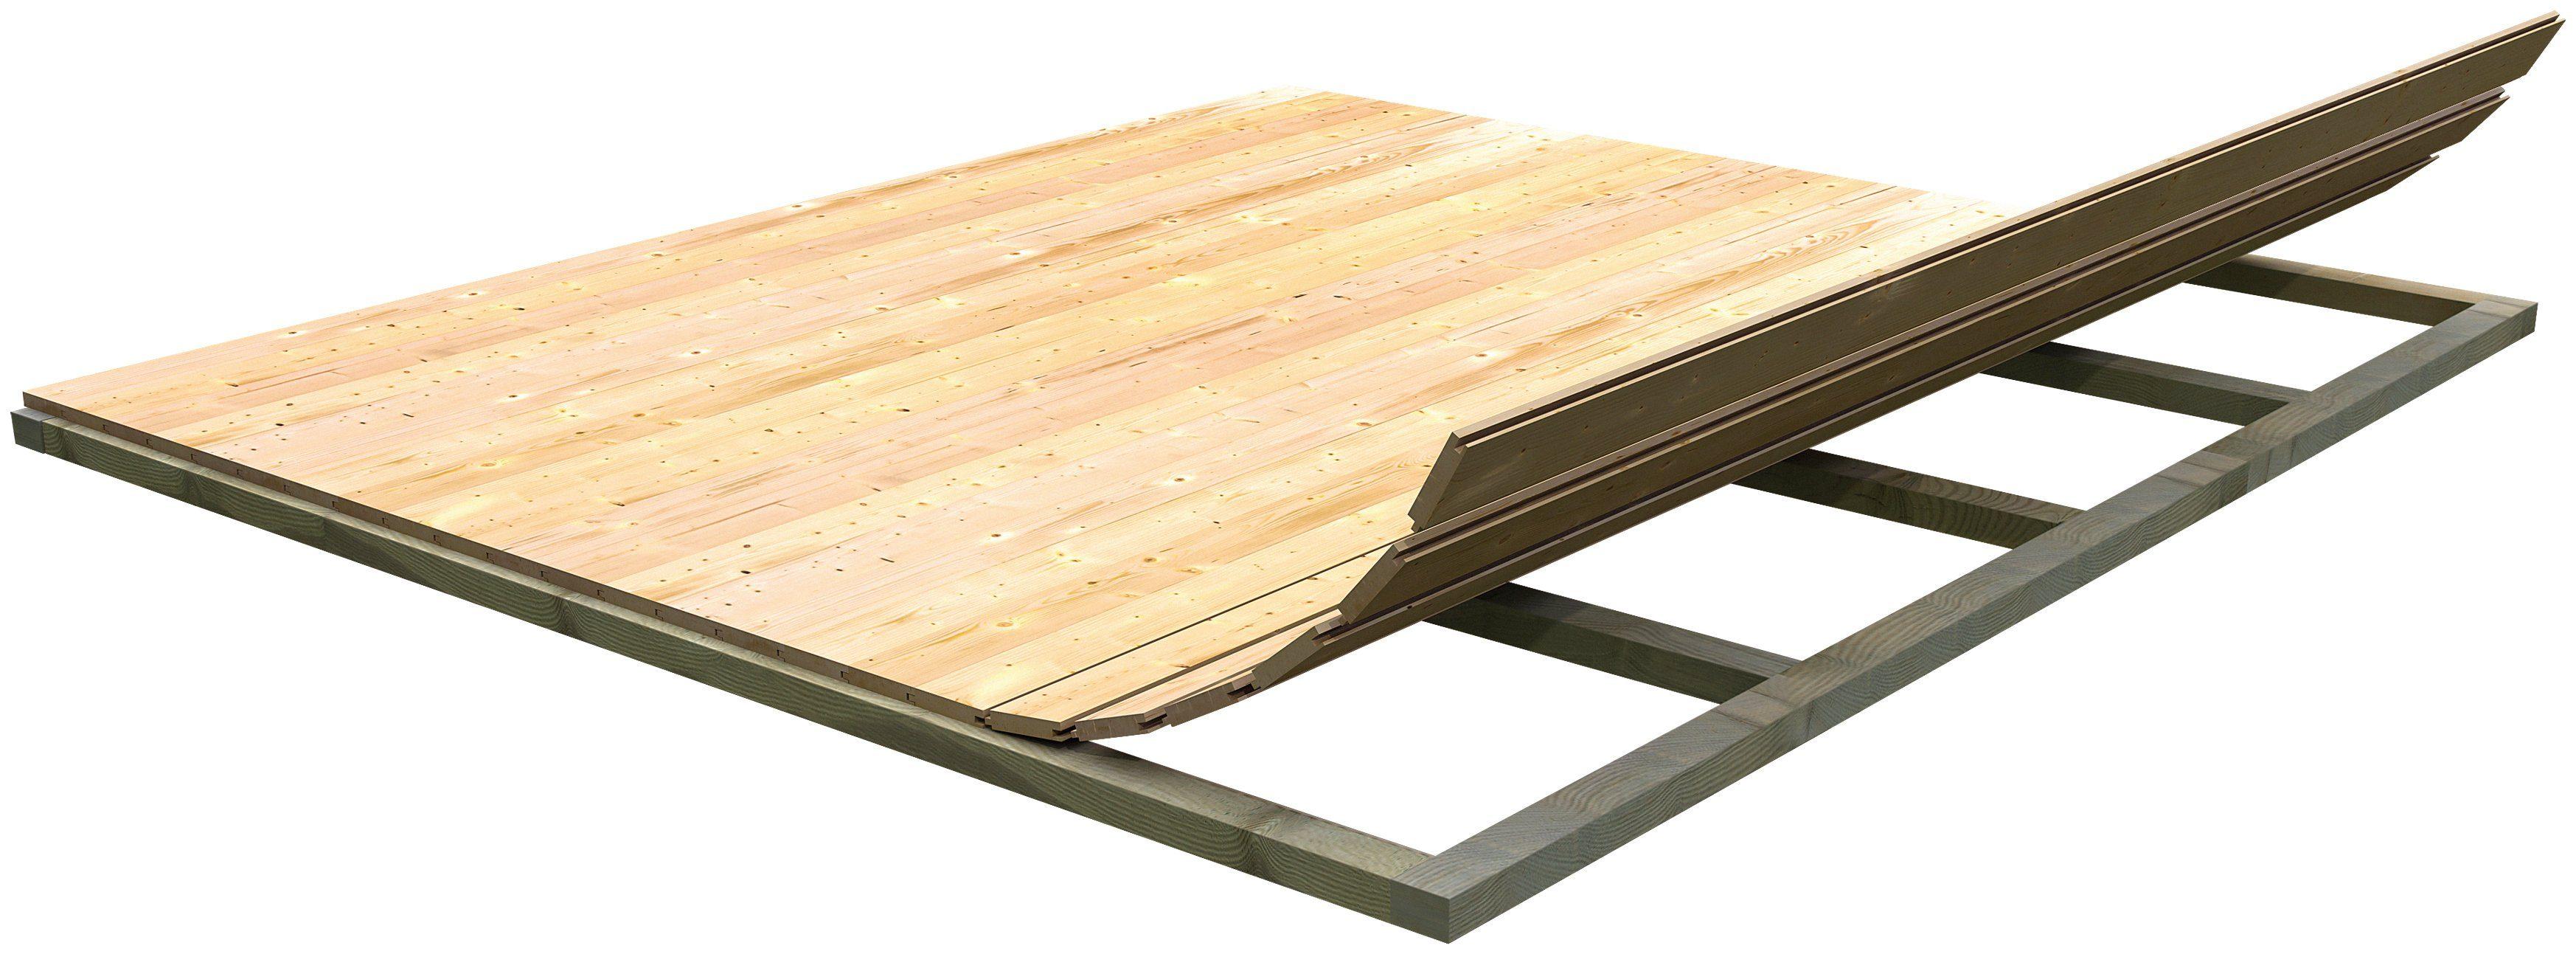 KONIFERA Fußboden für Gartenhäuser »Mühlheim«, BxT: 460x460 cm